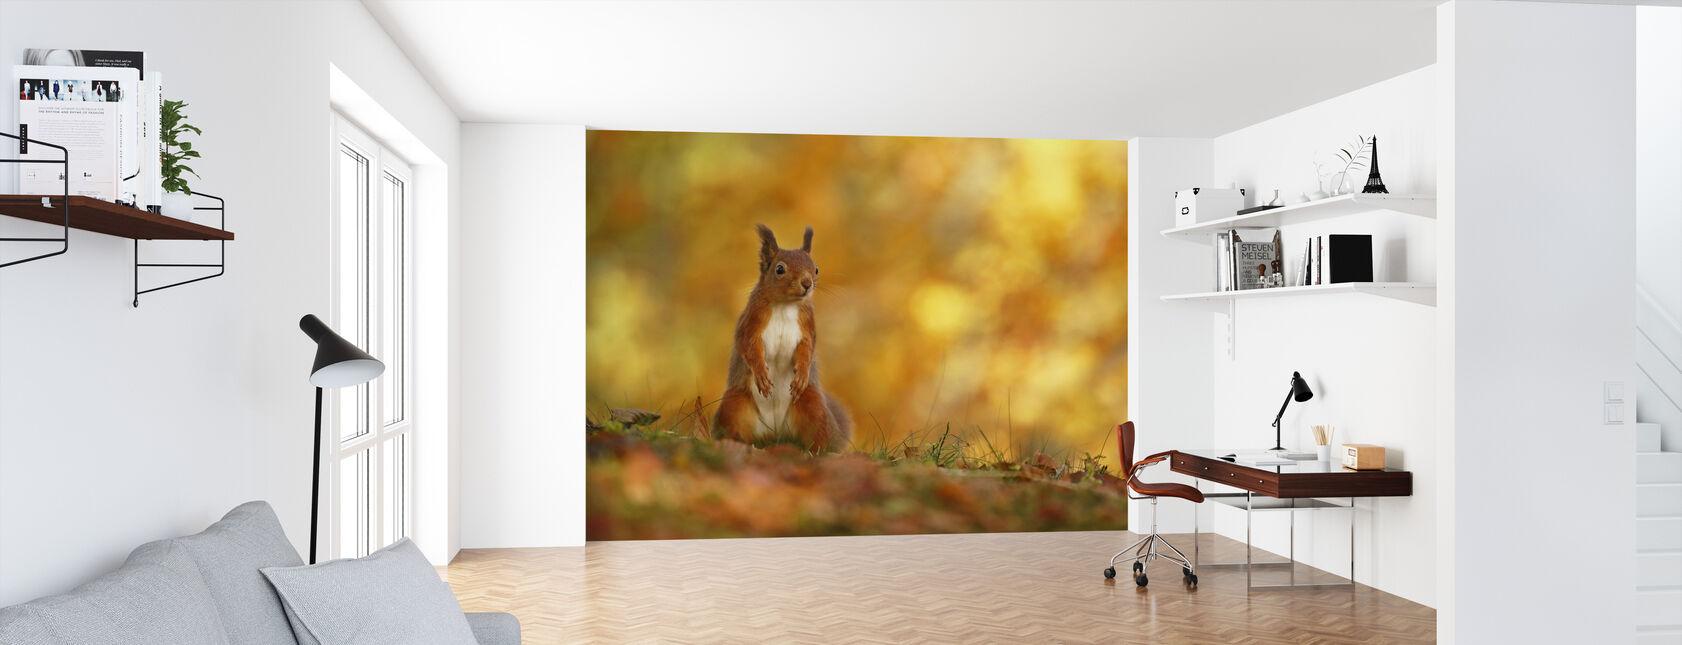 Rødt ekorn på skogbunn - Tapet - Kontor